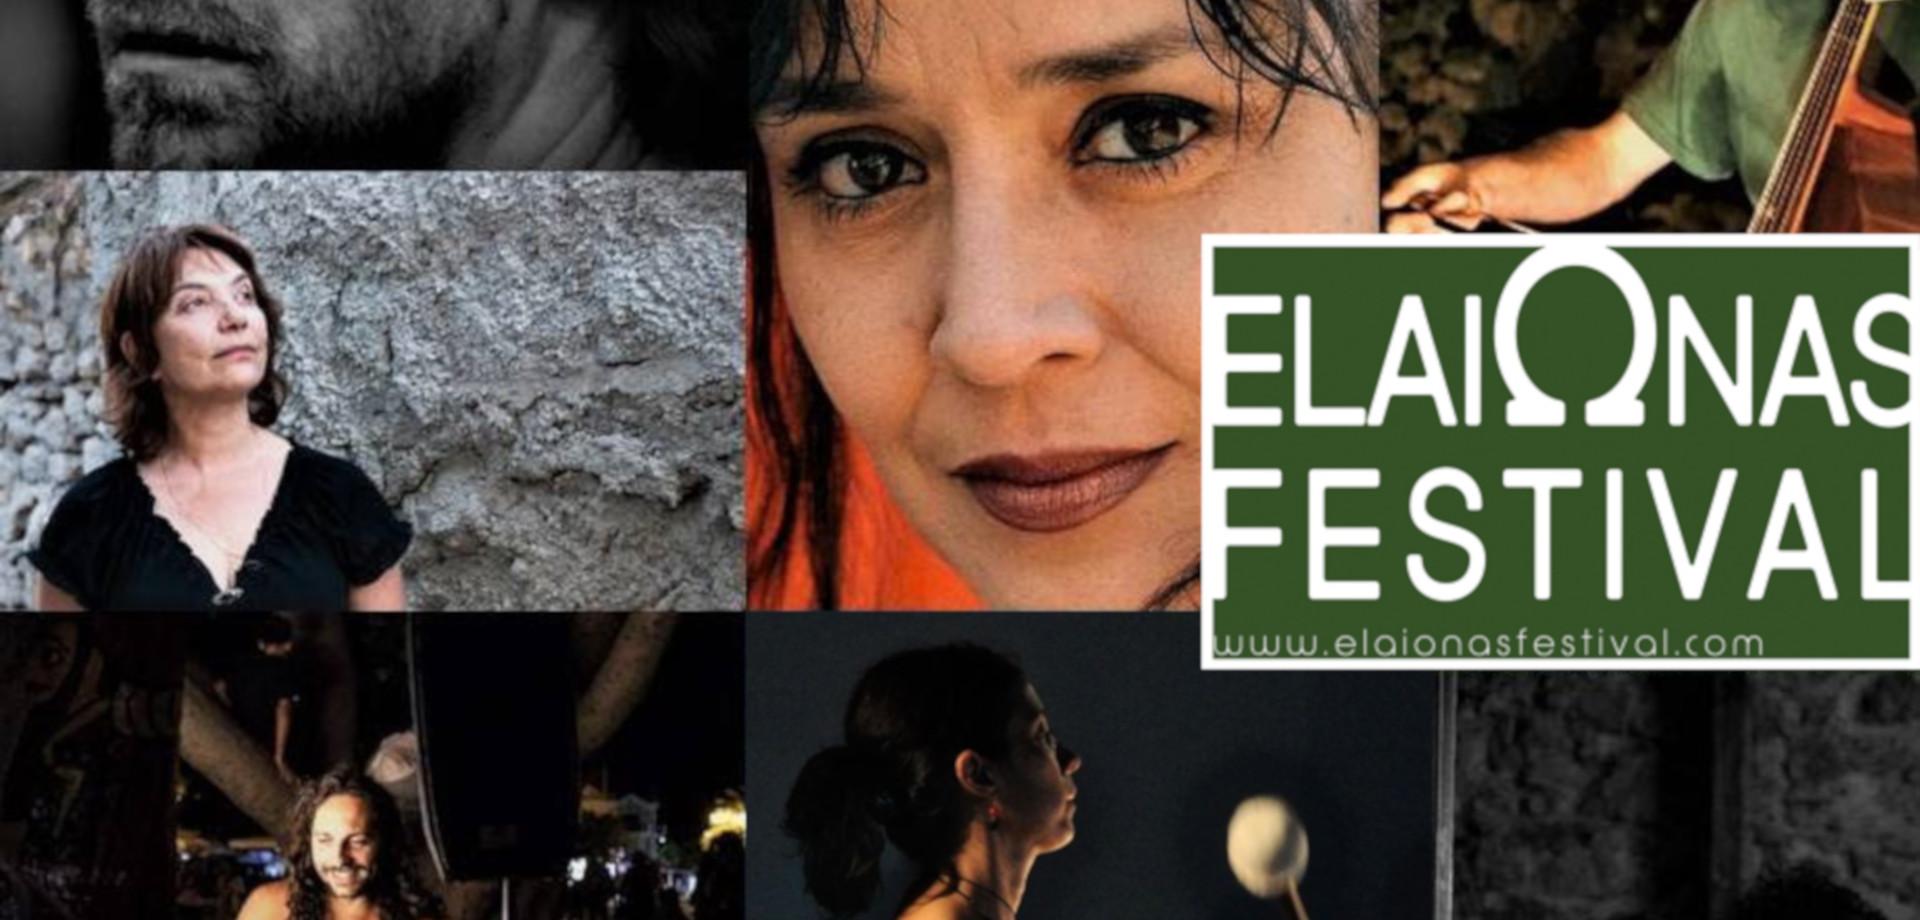 ElaiΩnas Festival